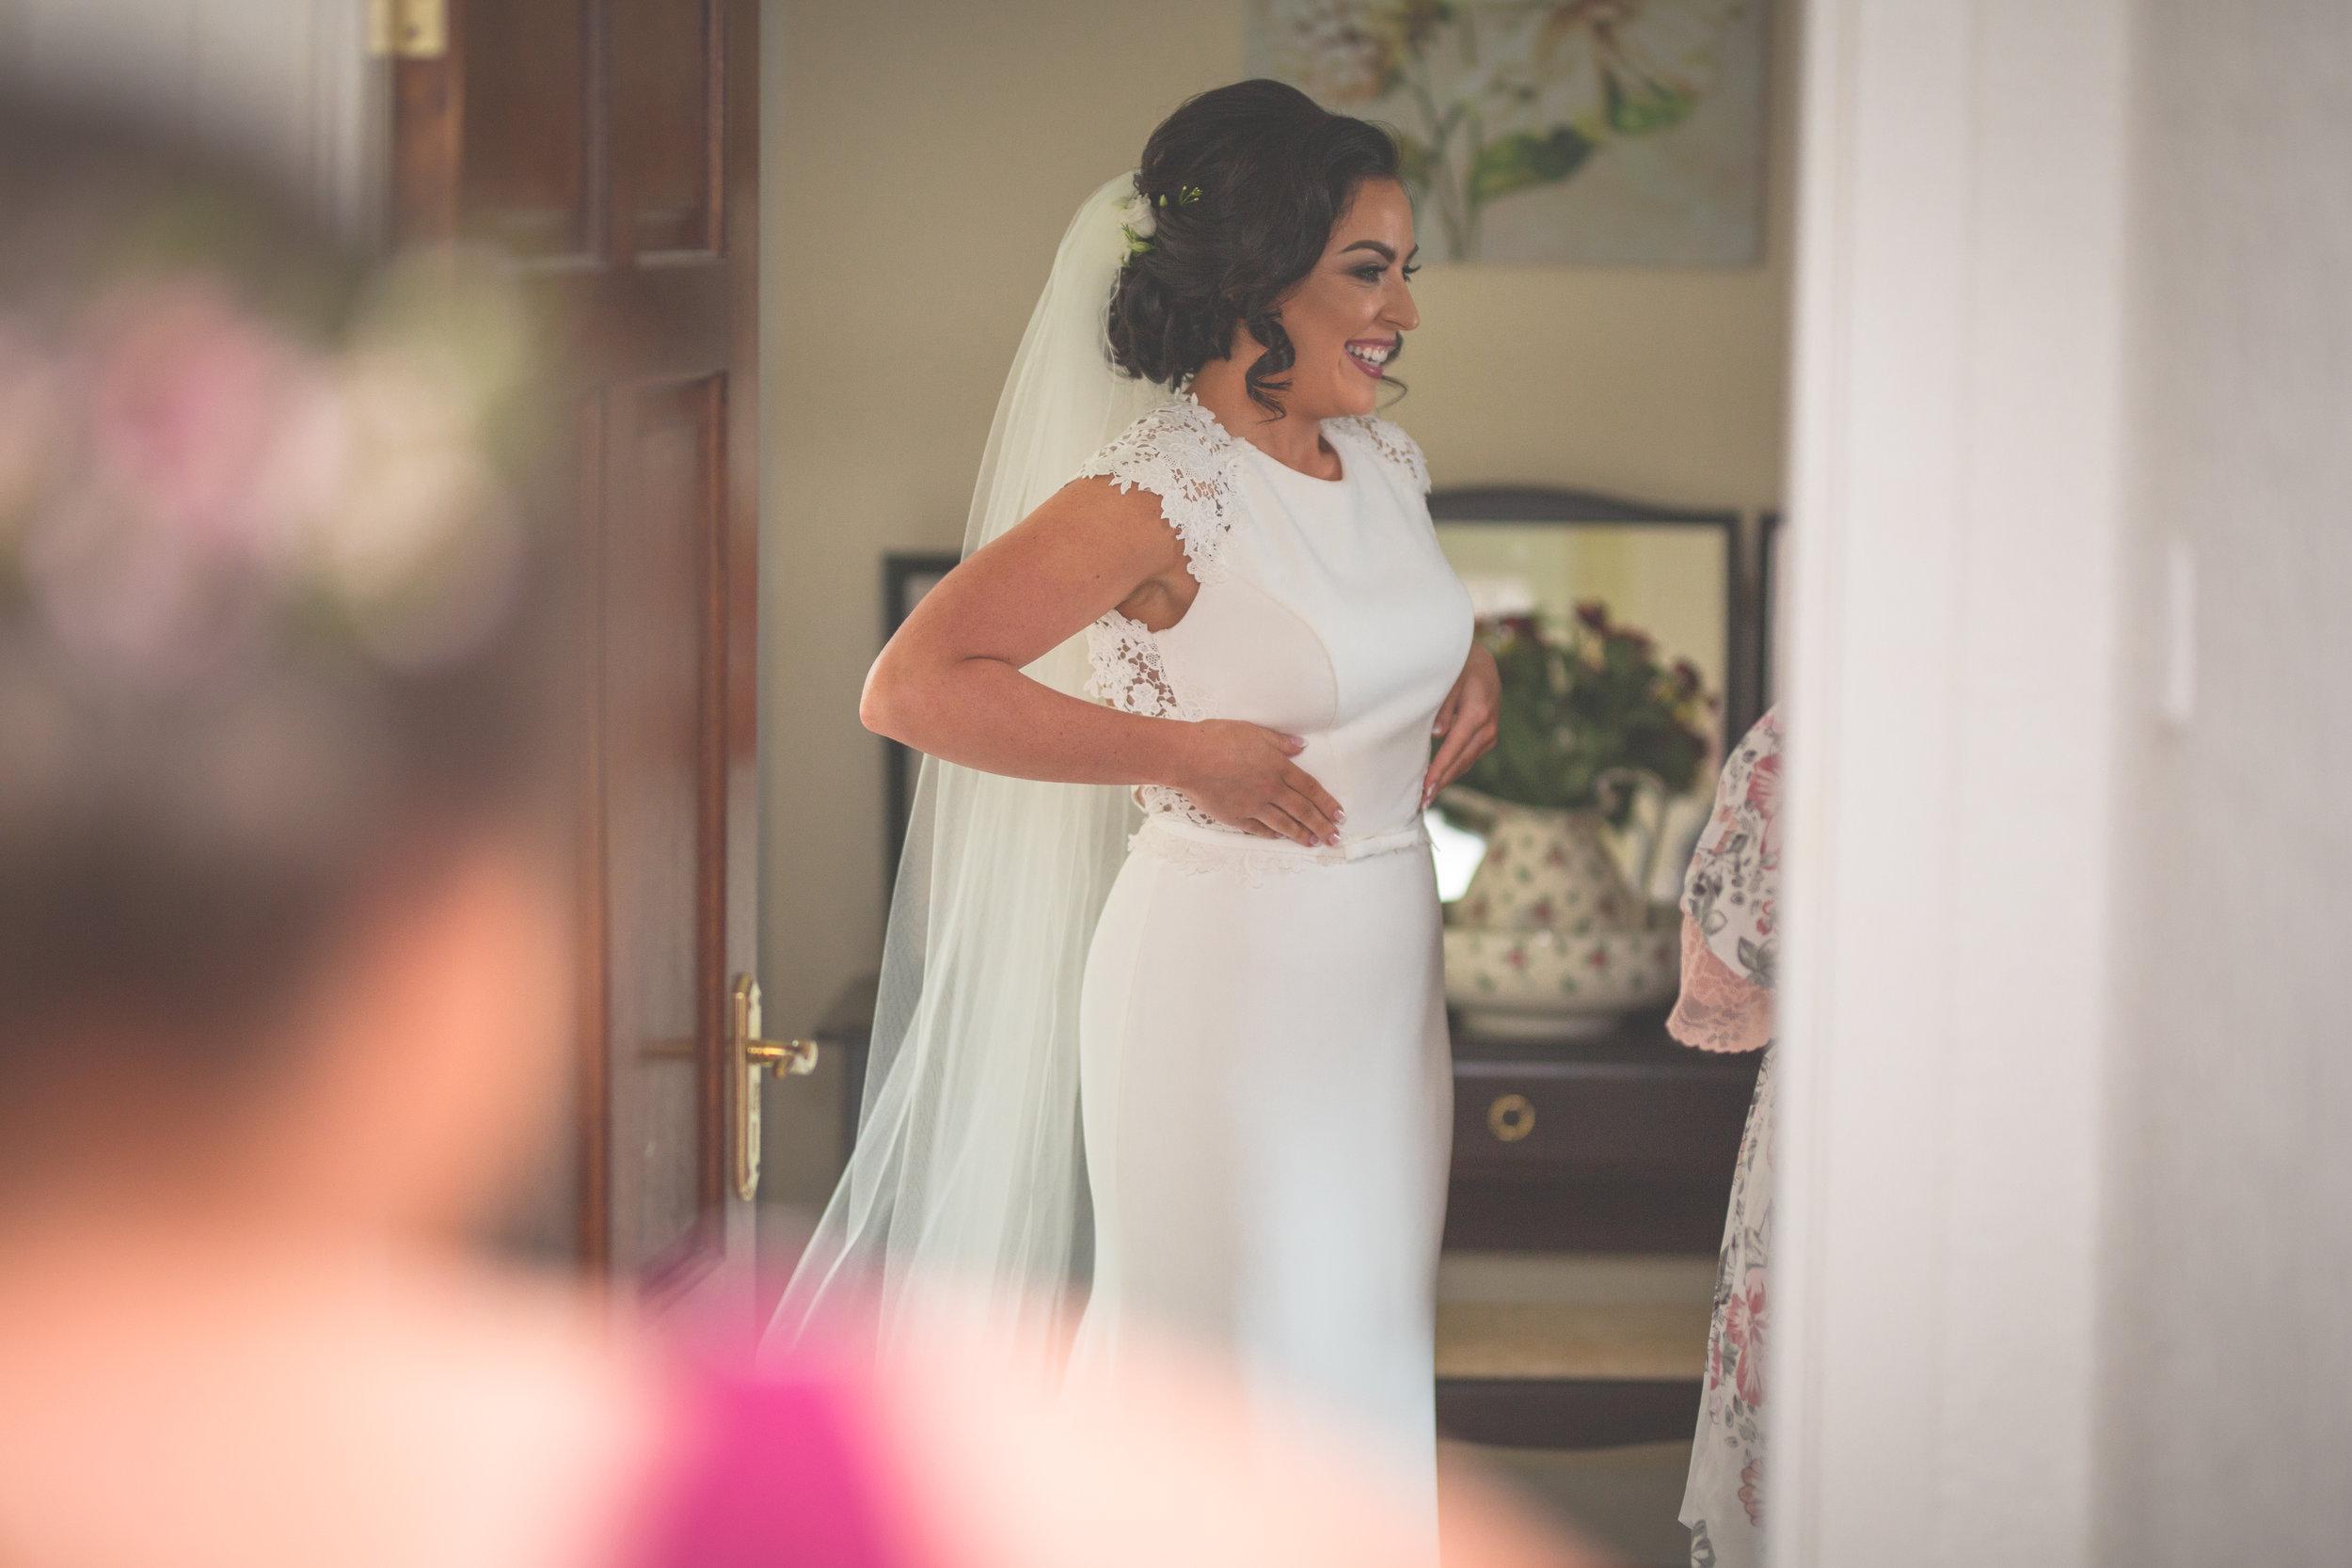 Brian McEwan Wedding Photography | Carol-Anne & Sean | Bridal Preparations-128.jpg